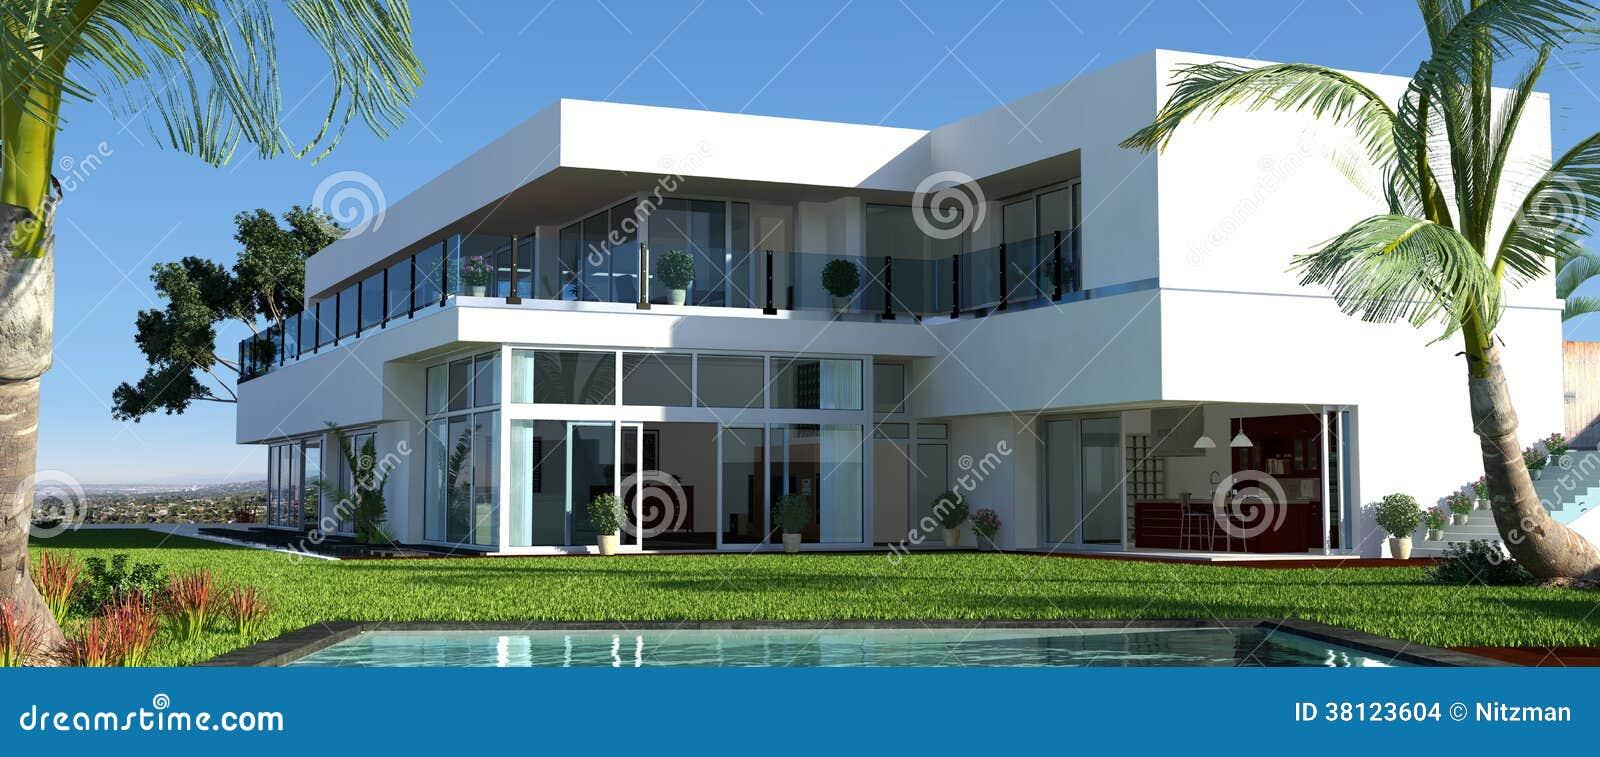 Modernes haus mit garten und pool stockbilder bild 38123604 for Modernes haus mit garten